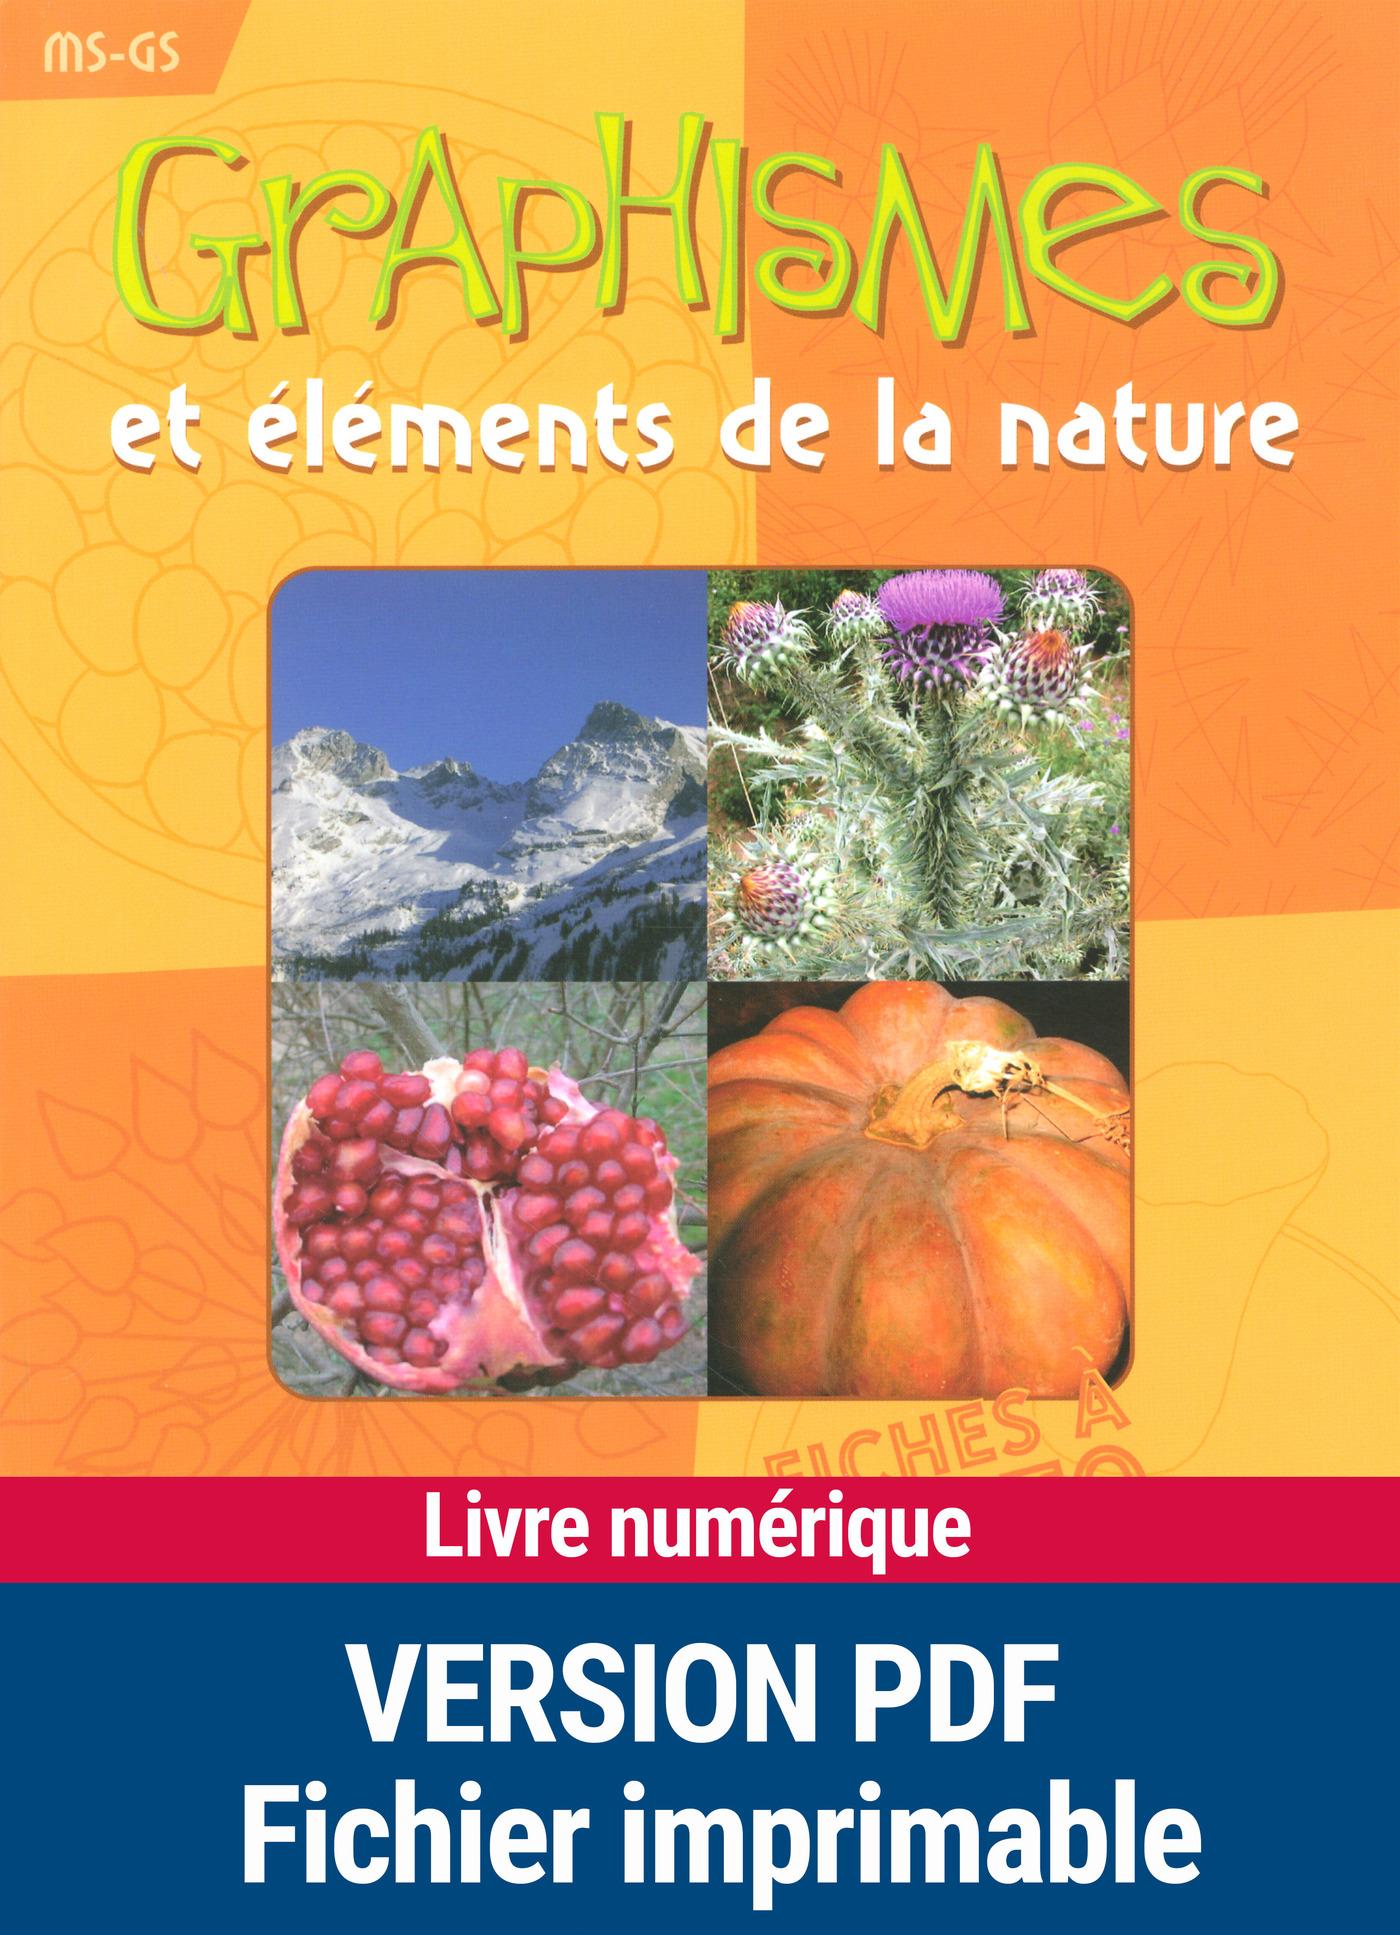 Graphismes et éléments de la nature (ebook)